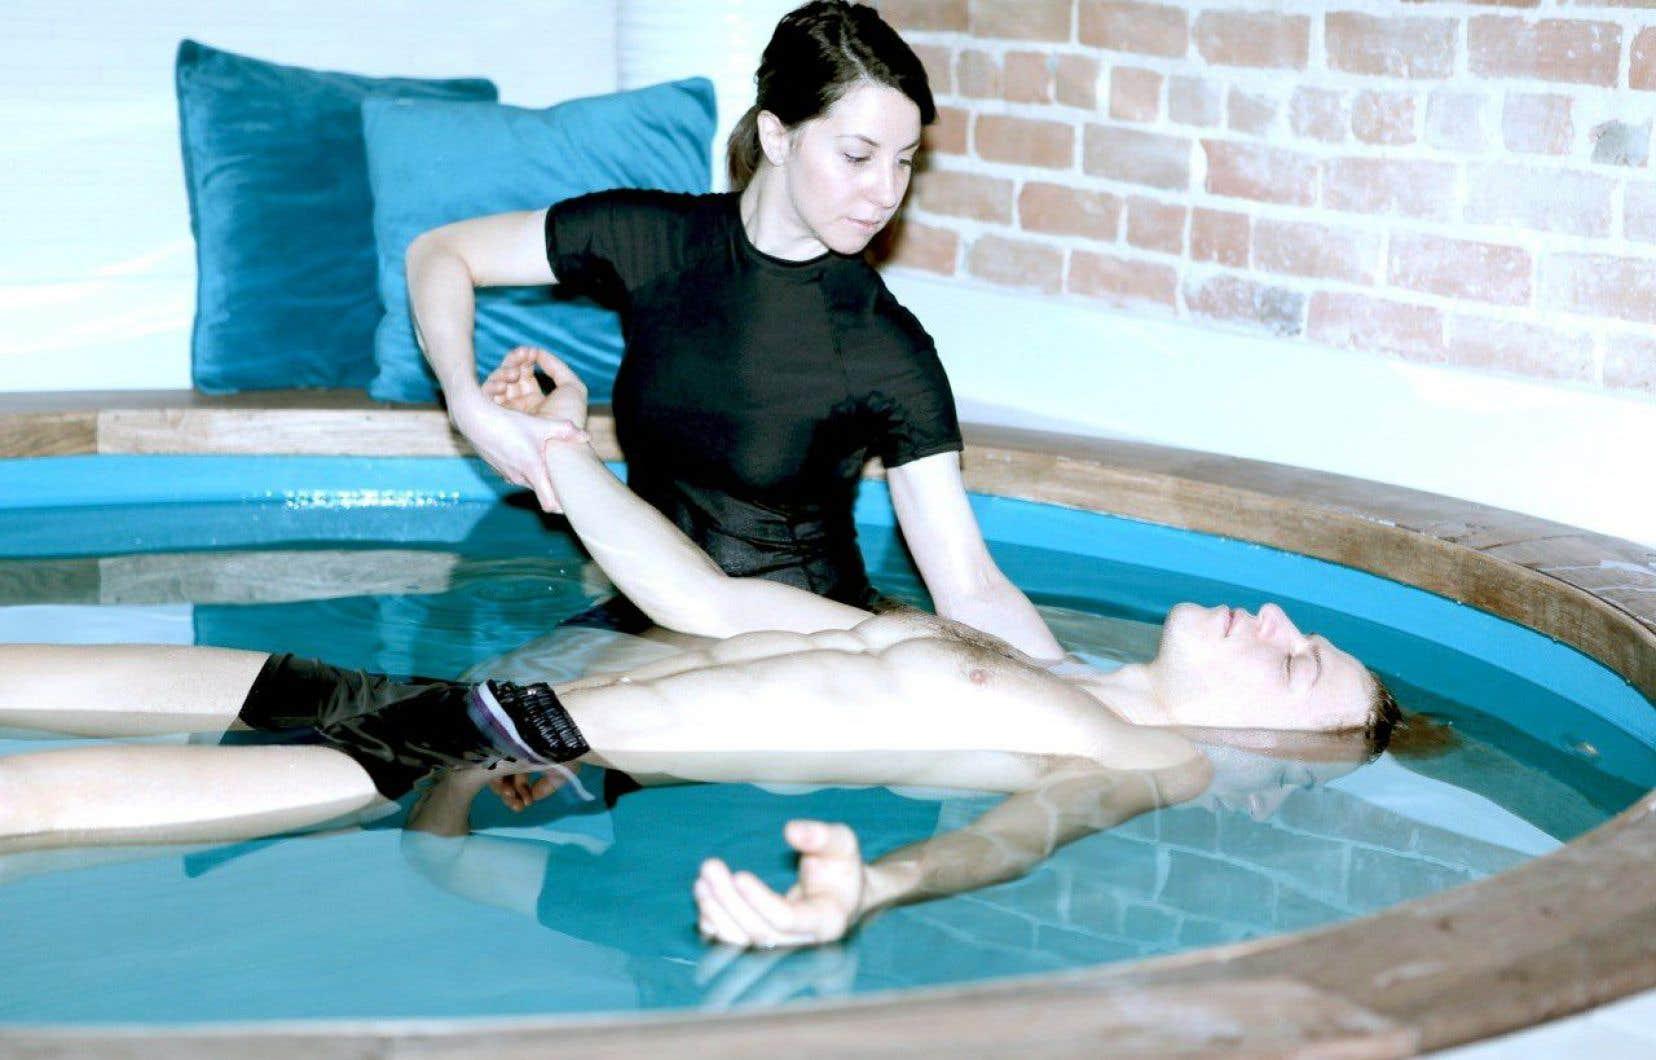 Dans un bain, noyé par 400 kilos de sels d'Epsom permettant de flotter en état d'apesanteur, le corps oscille lentement au rythme des manœuvres des thérapeutes.